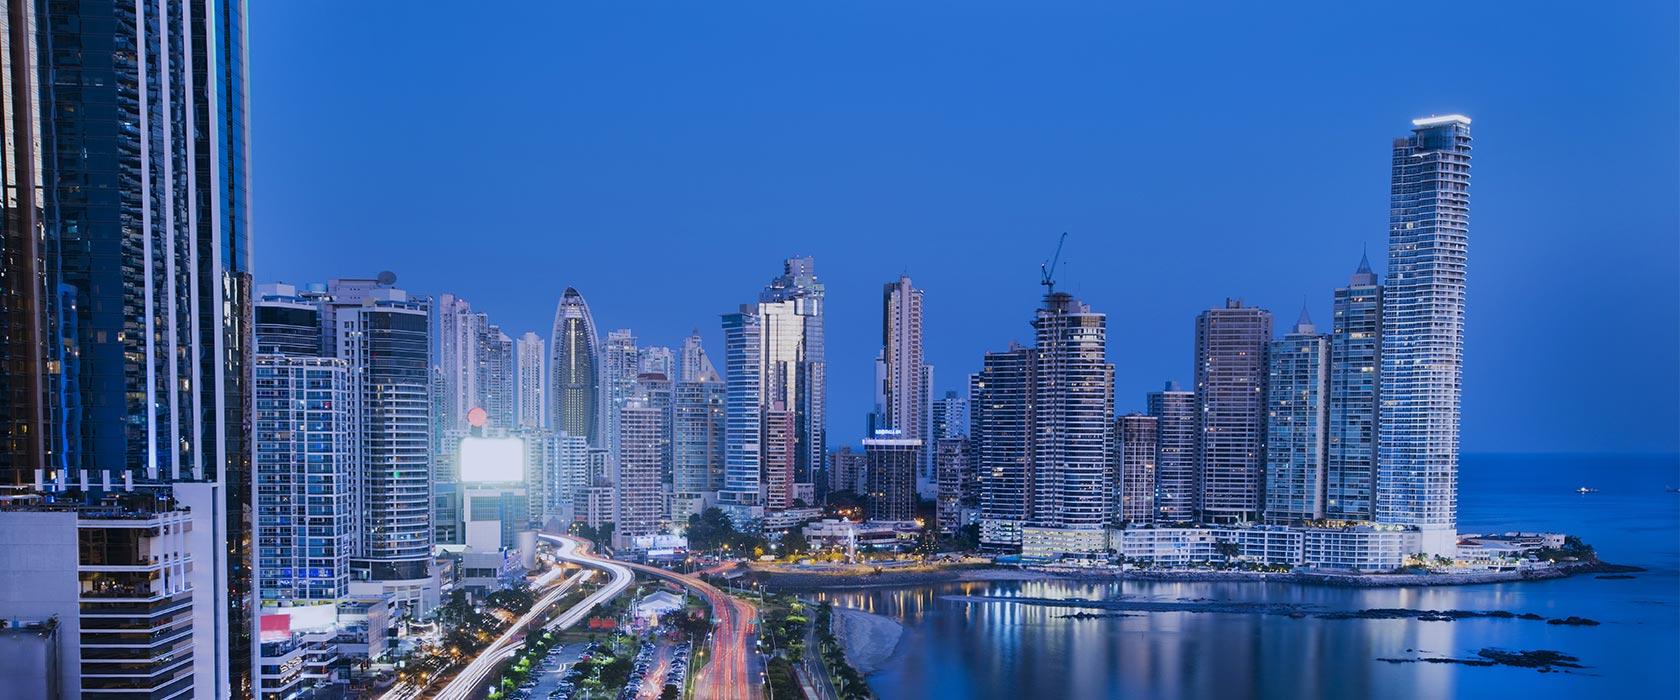 Panama Travel Photos